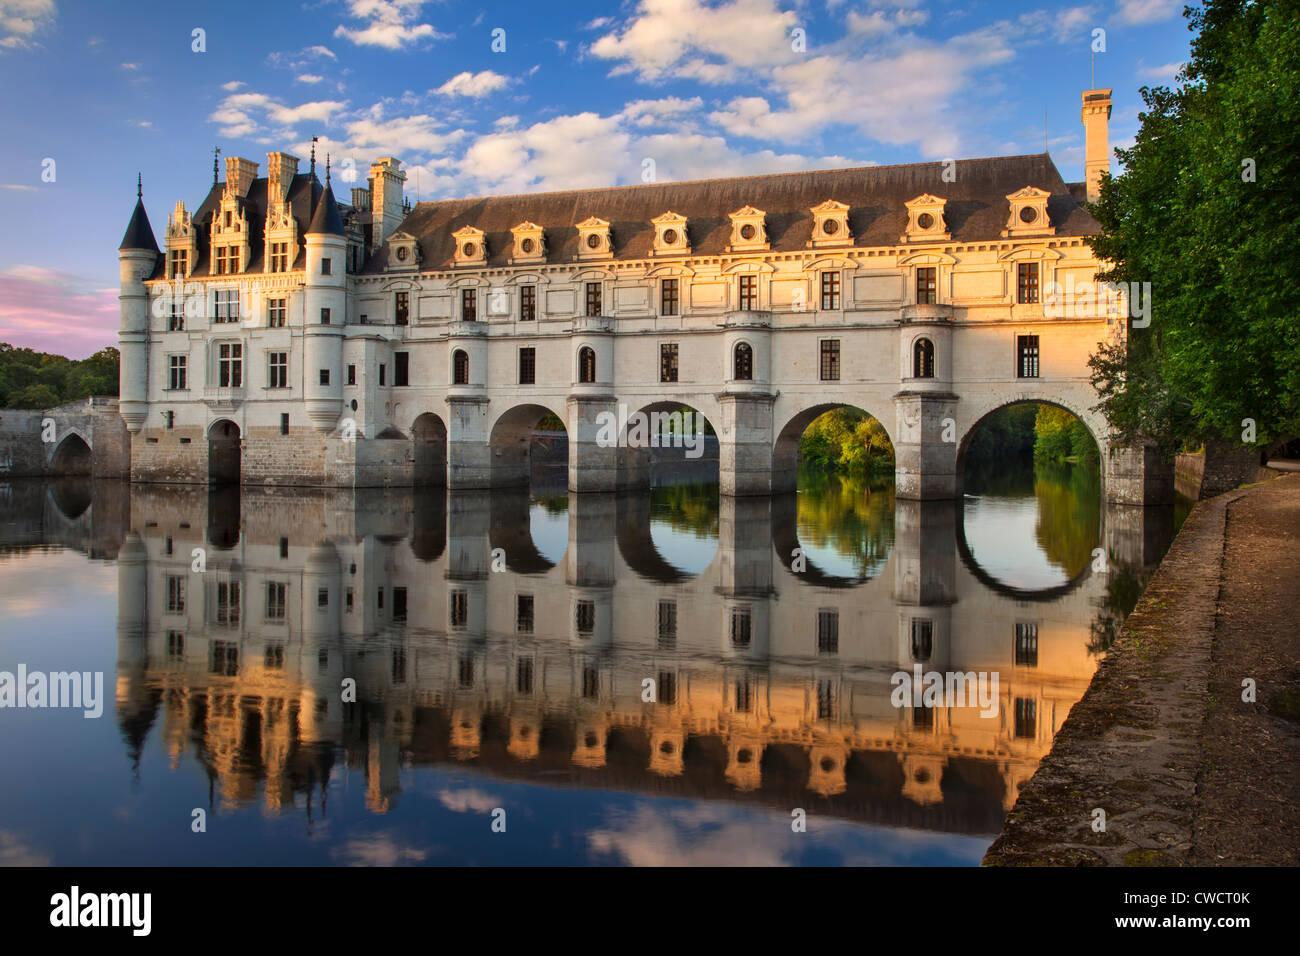 La lumière du soleil du soir sur le château de Chenonceau et de Cher, Indre-et-Loire Centre, France Banque D'Images